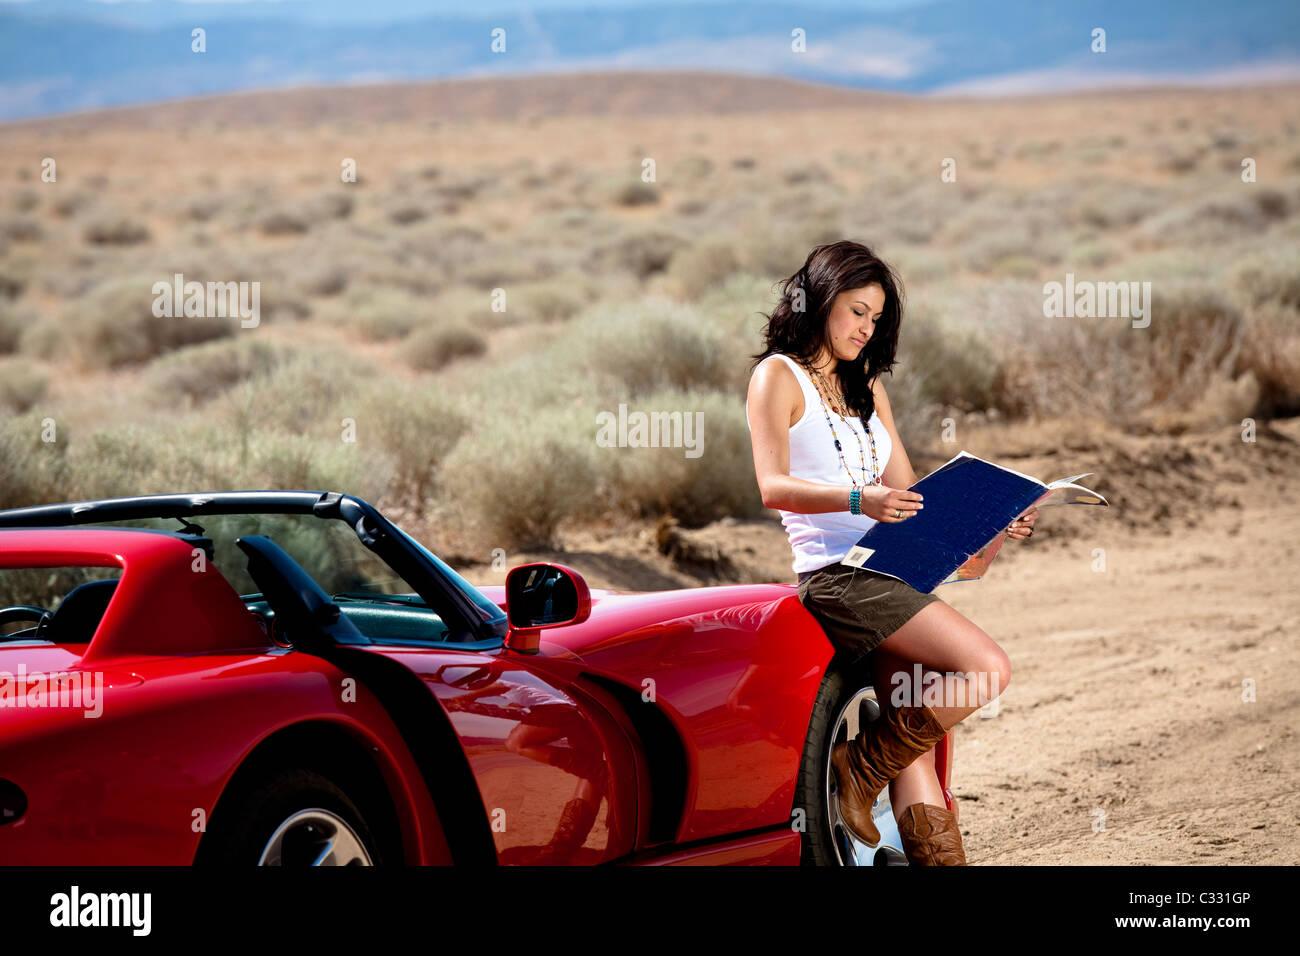 Une jeune femme séduisante se lit une carte tout en vous tenant à côté d'une voiture sport Photo Stock